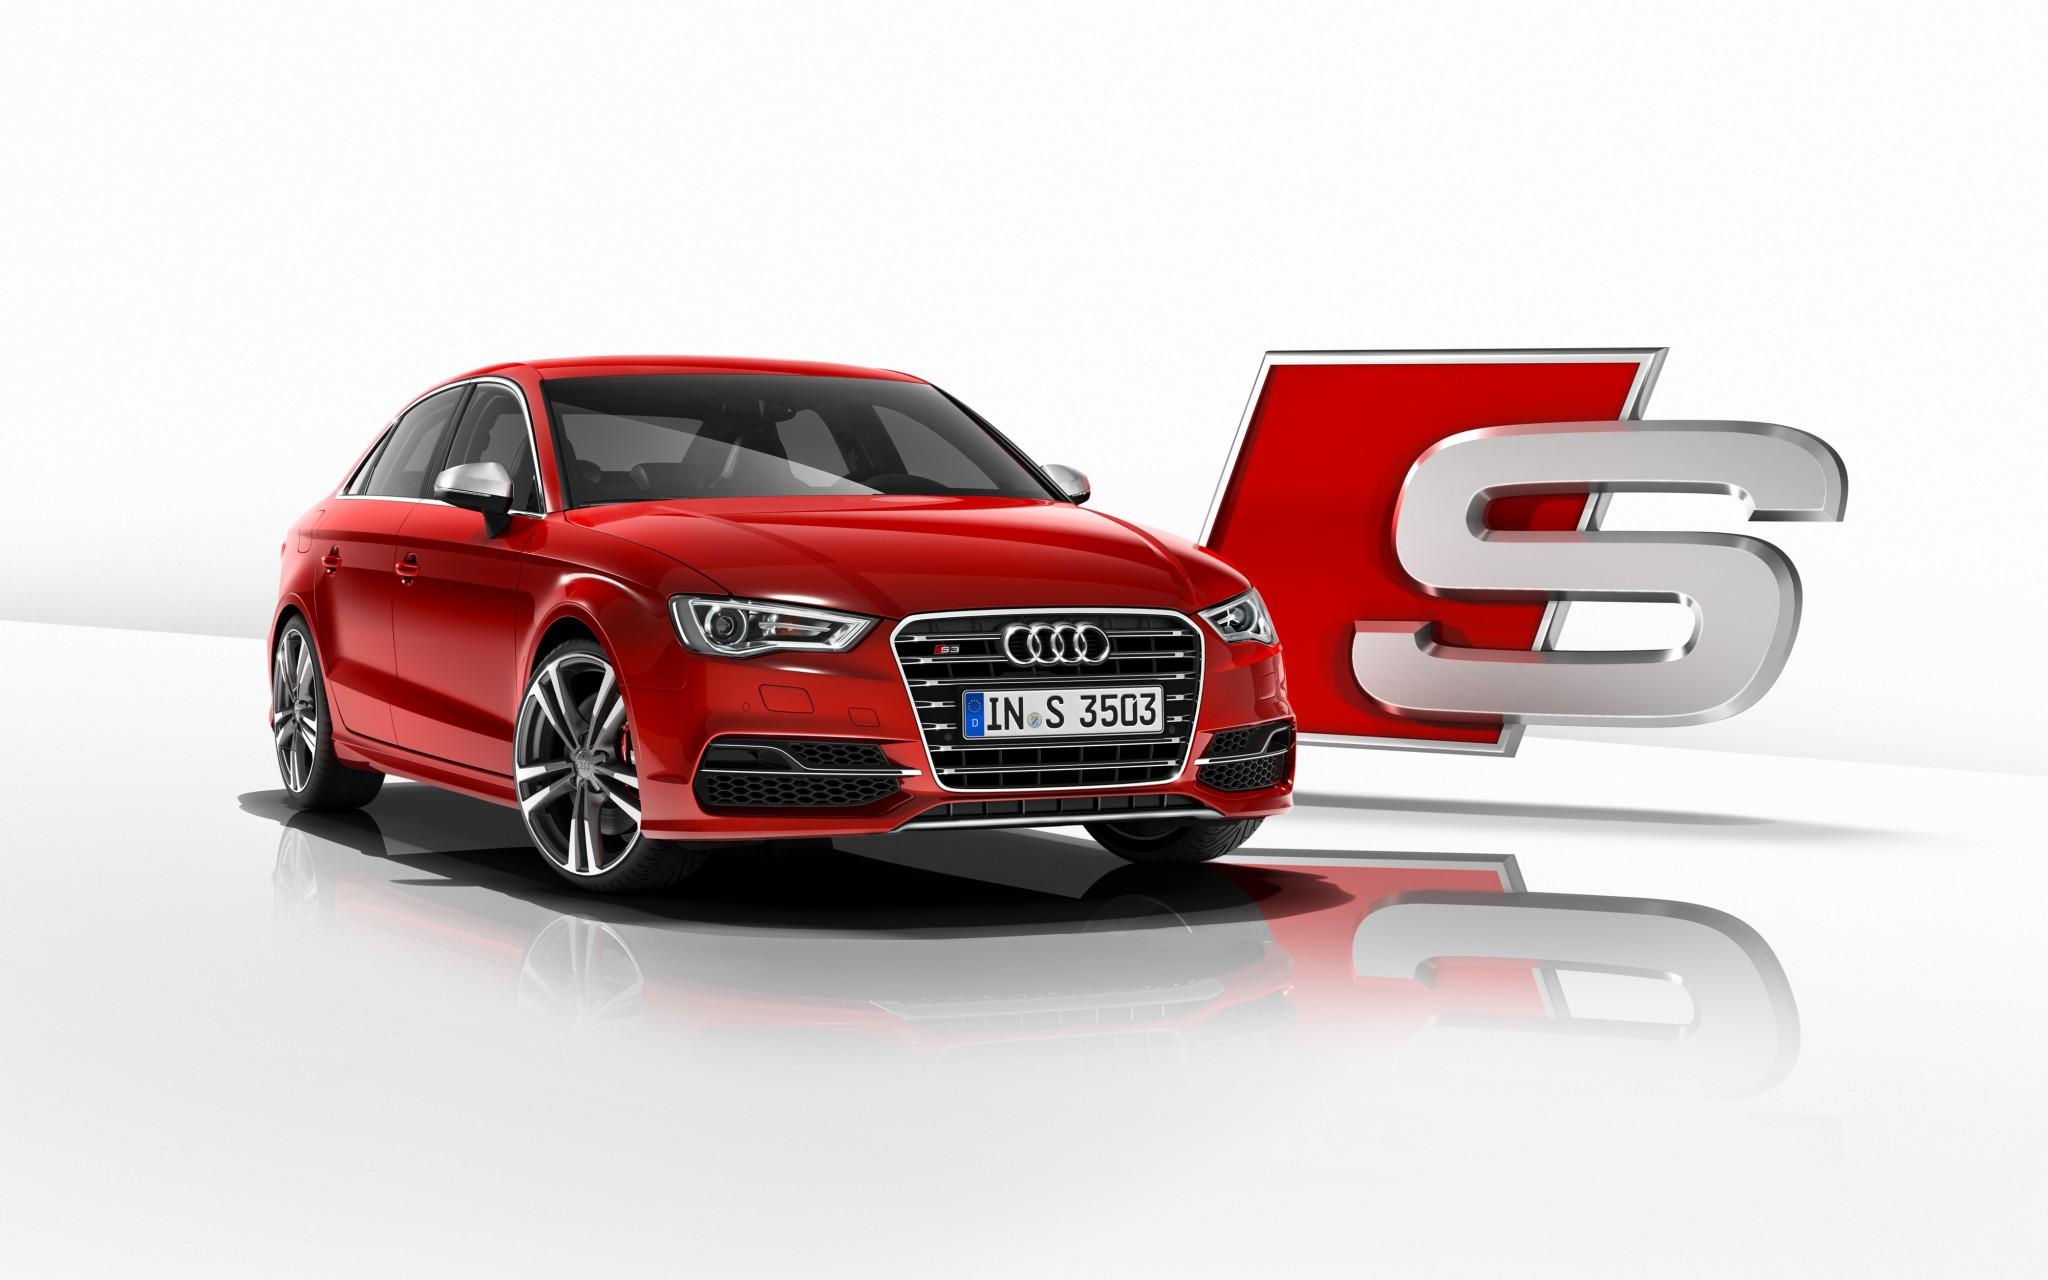 Client: Audi